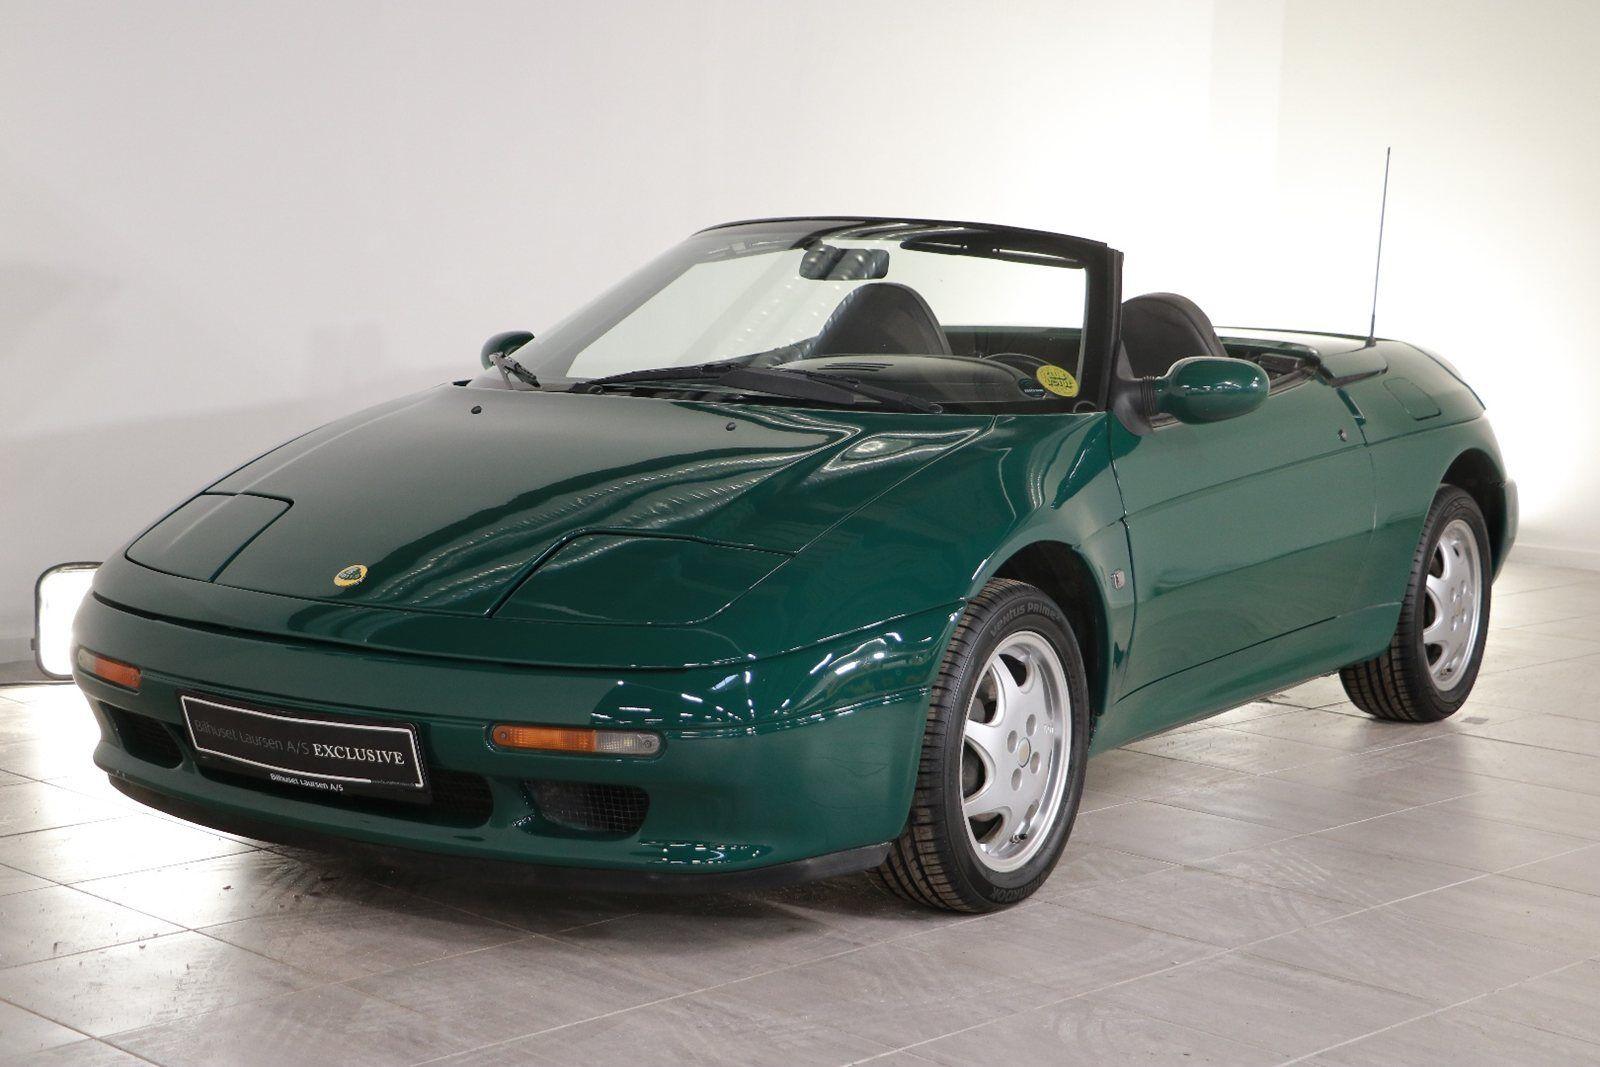 Lotus Elan 1,6 Turbo SE 2d